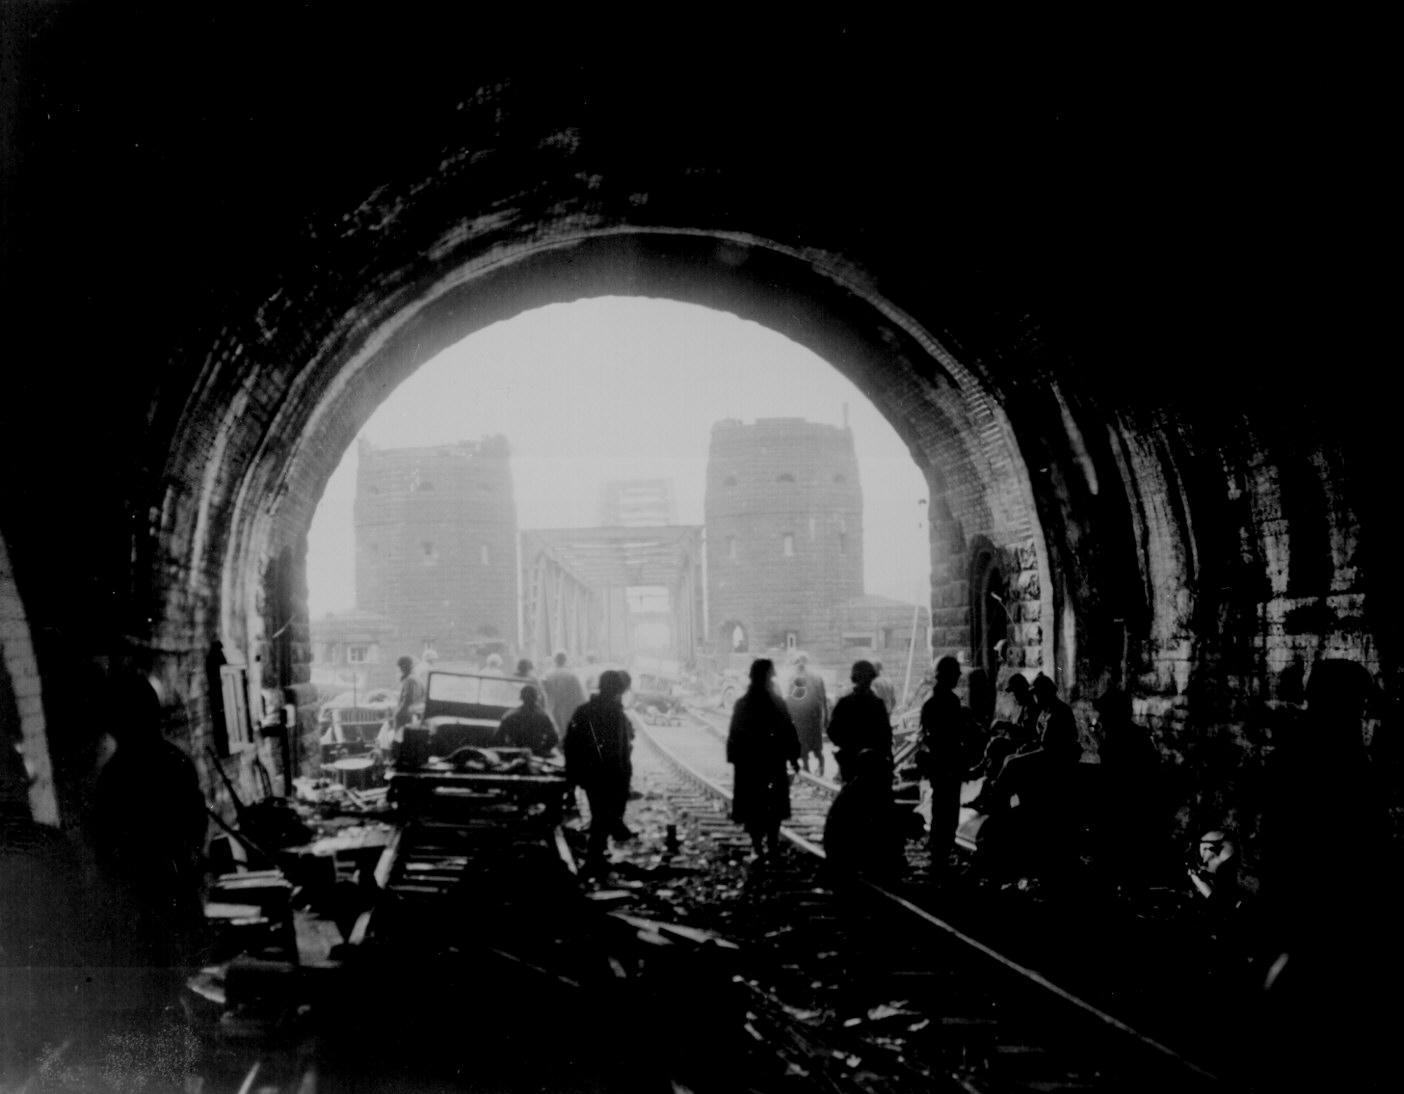 Remagen Bridge in 1945